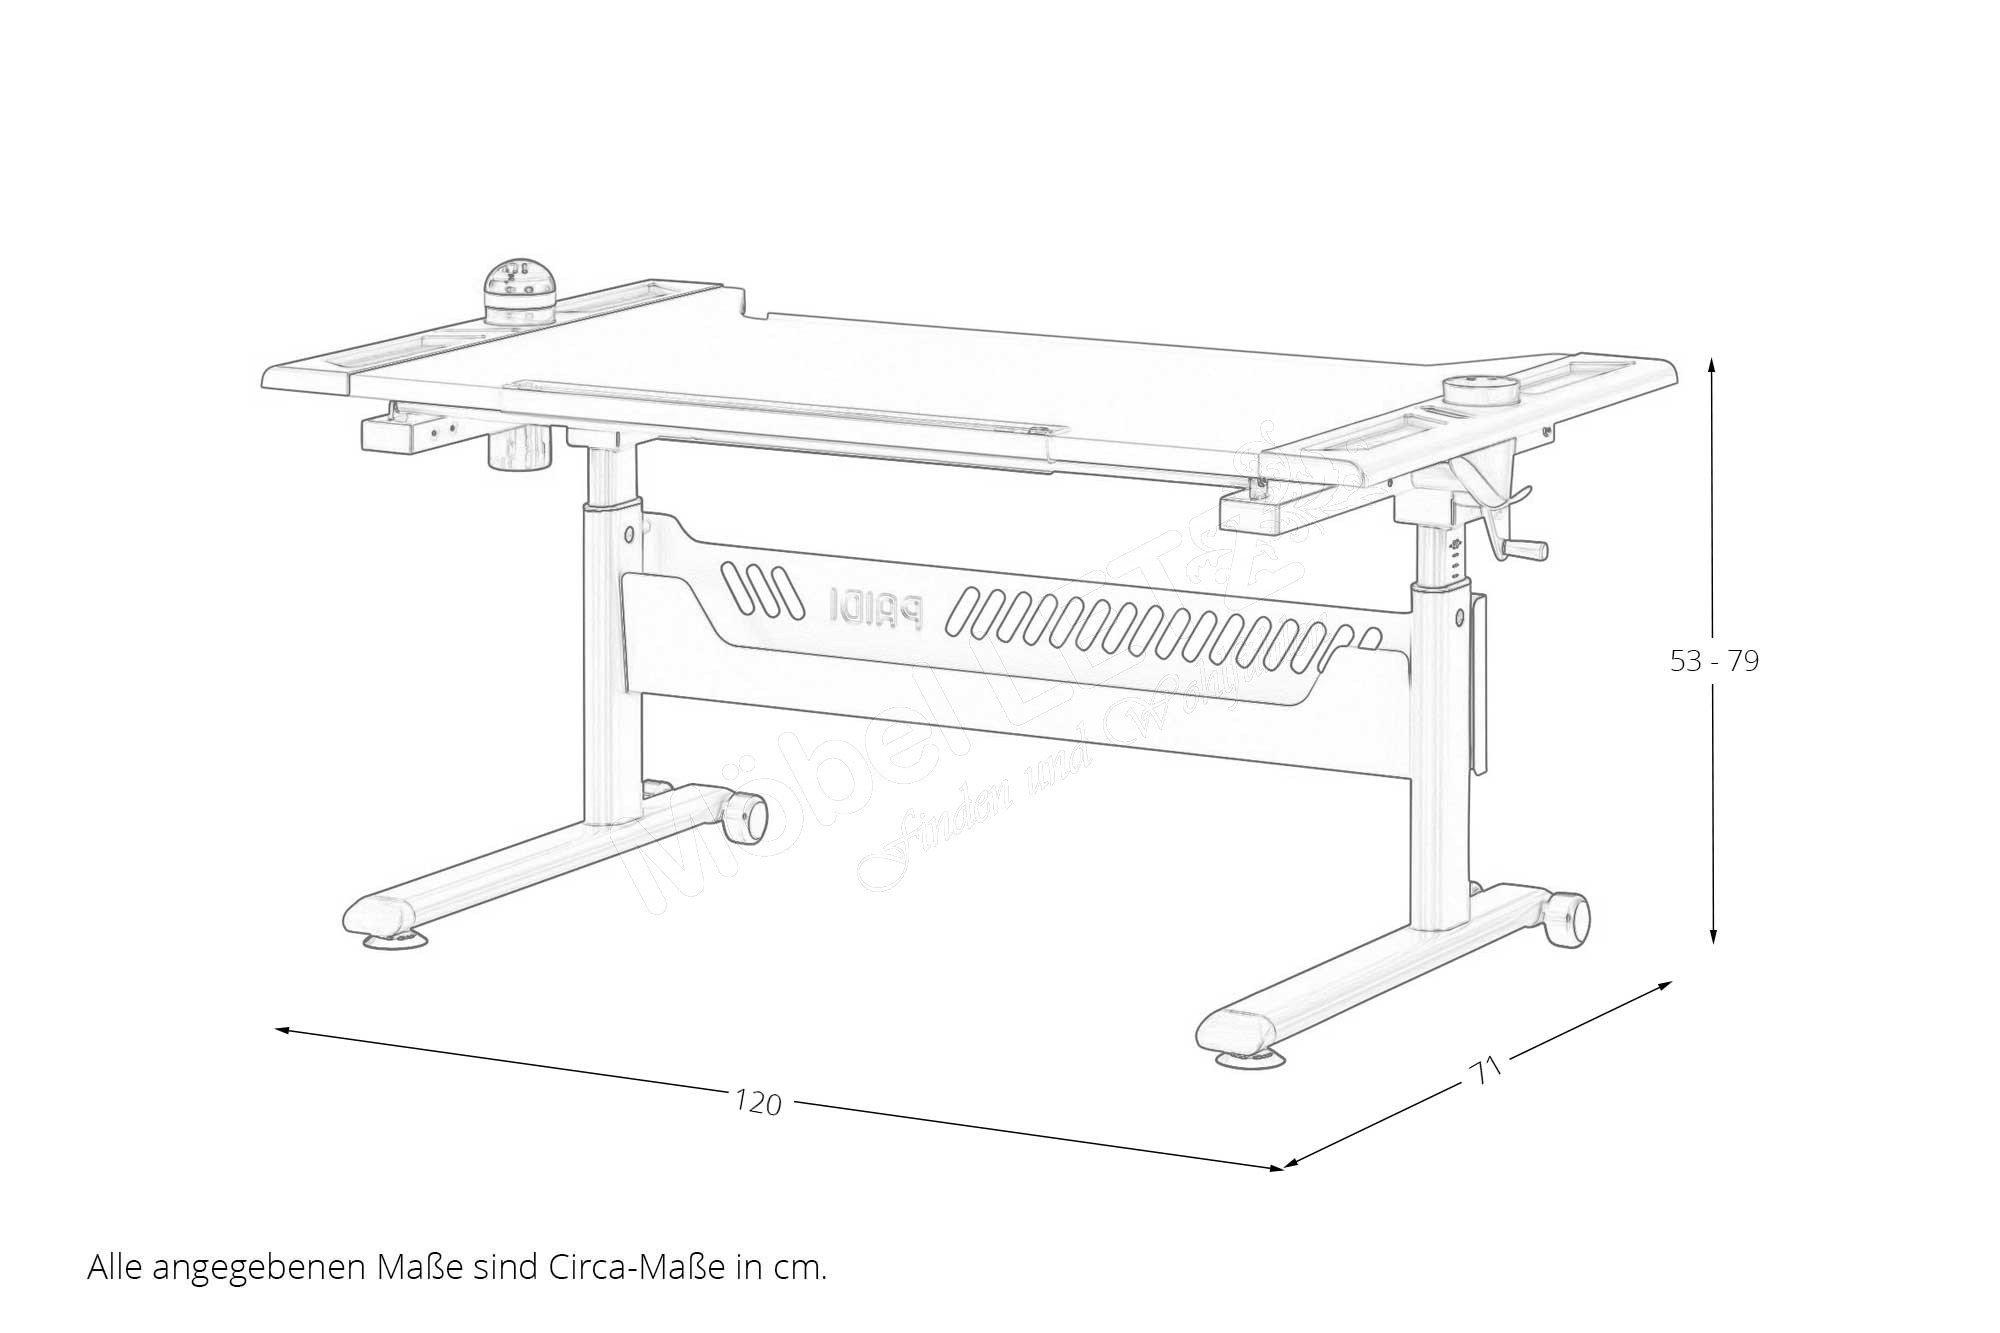 paidi tablo arbeitsplatz h henverstellbar m bel letz ihr online shop. Black Bedroom Furniture Sets. Home Design Ideas